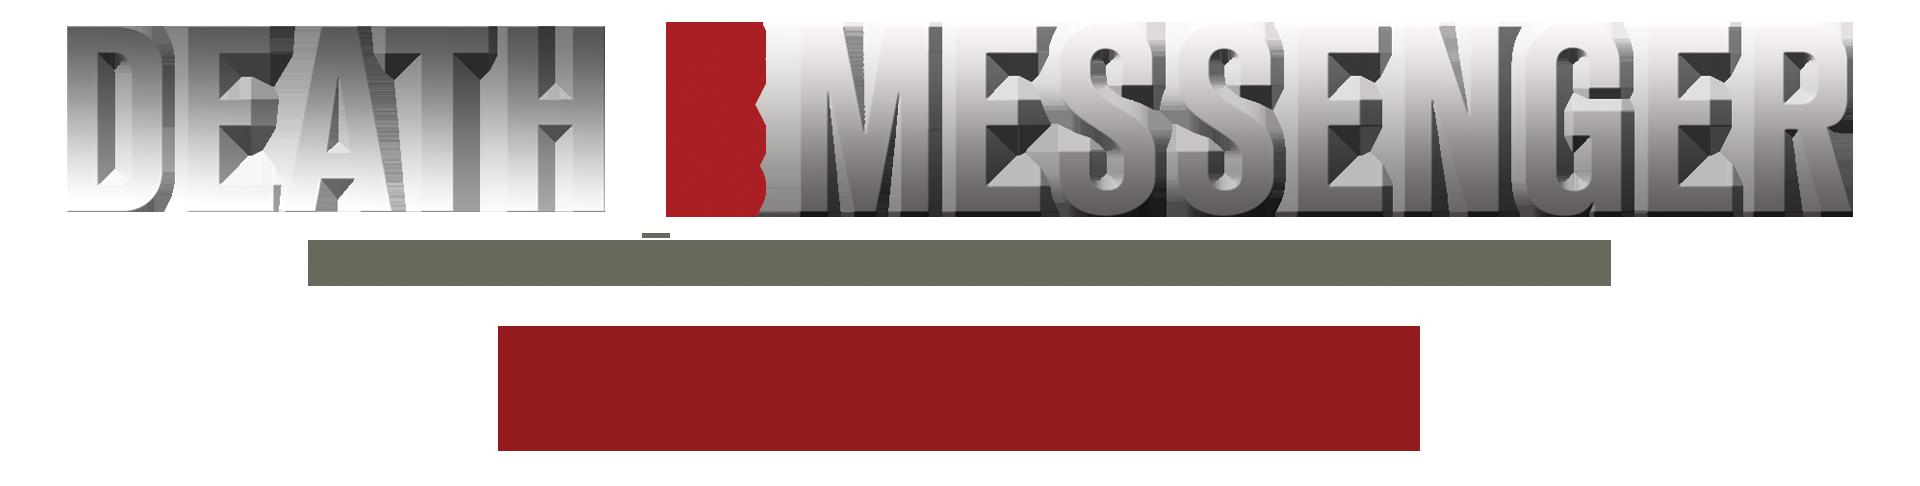 Robert B. McCaw